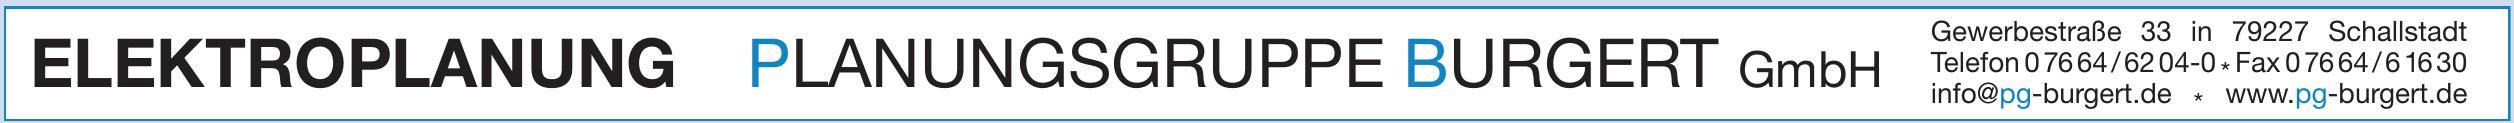 Elektroplanung Planungsgruppe Burgert GmbH